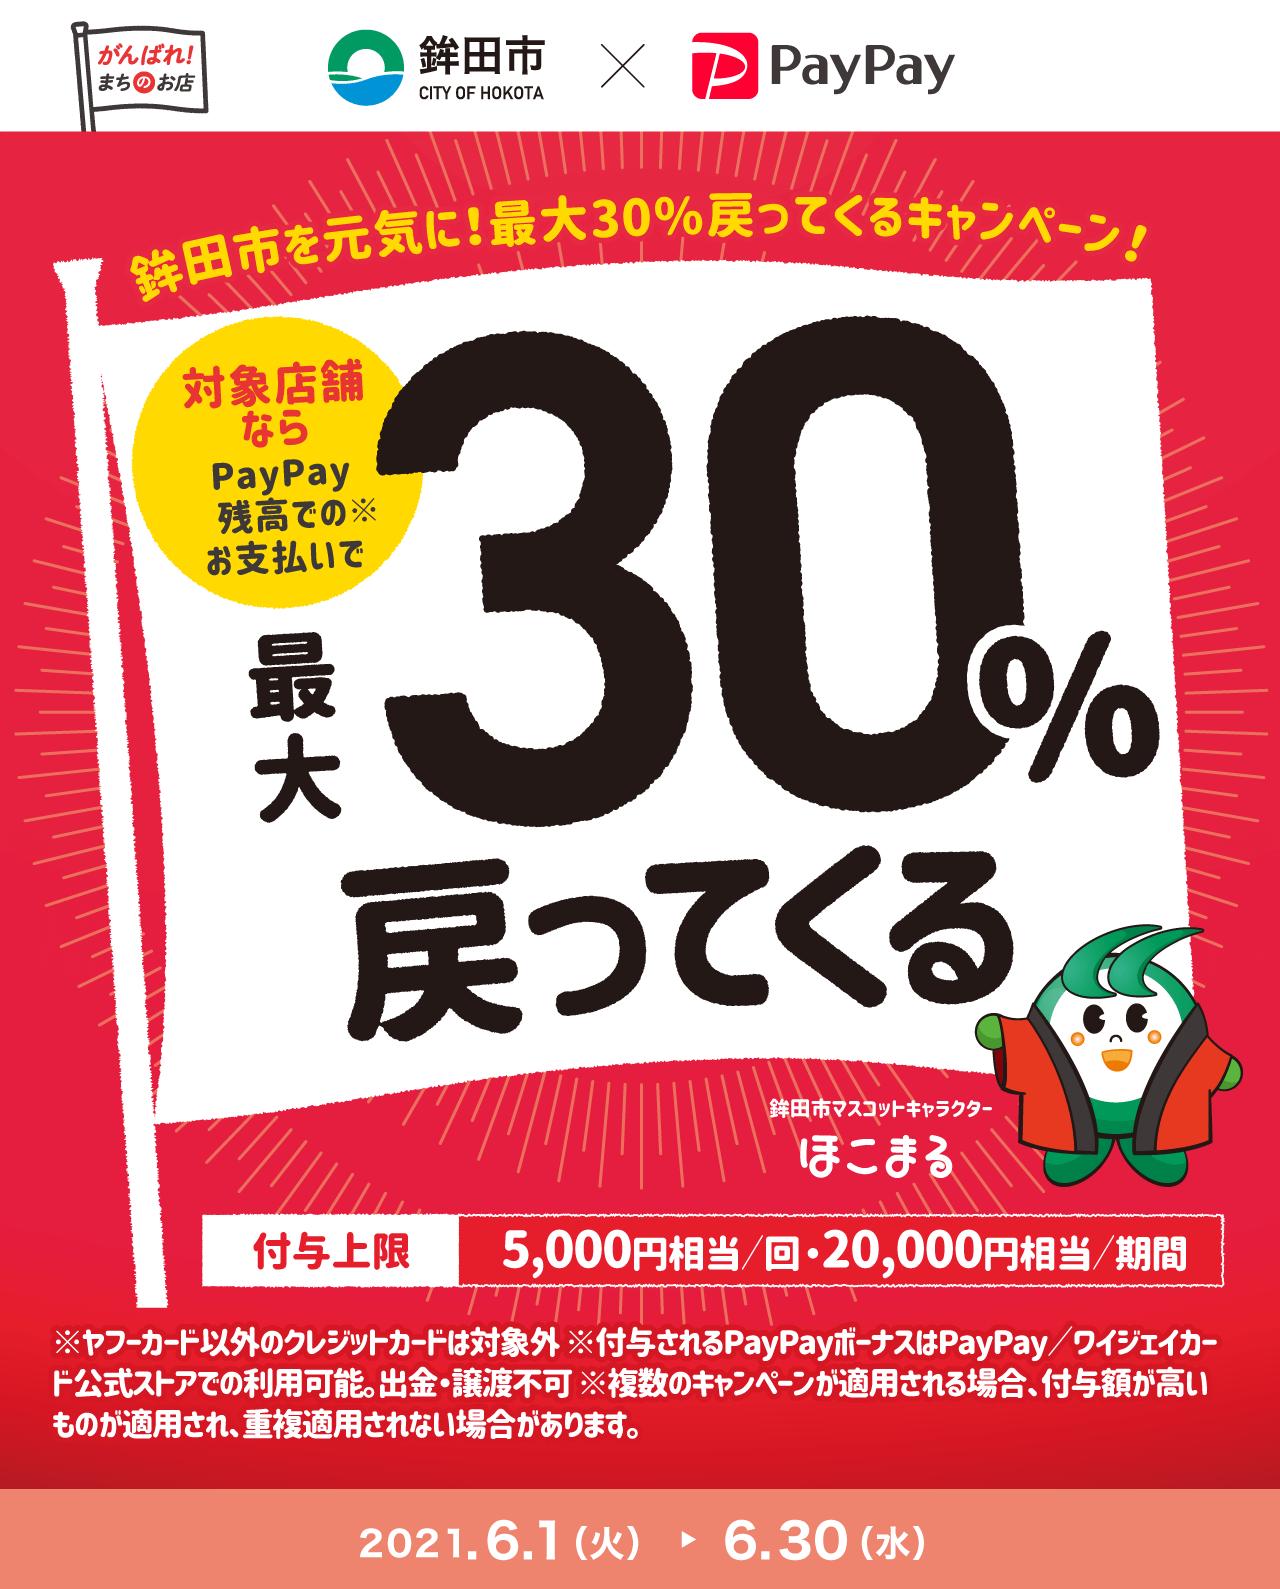 鉾田市を元気に! 最大30%戻ってくるキャンペーン!対象店舗ならPayPay残高でのお支払いで最大30%戻ってくる